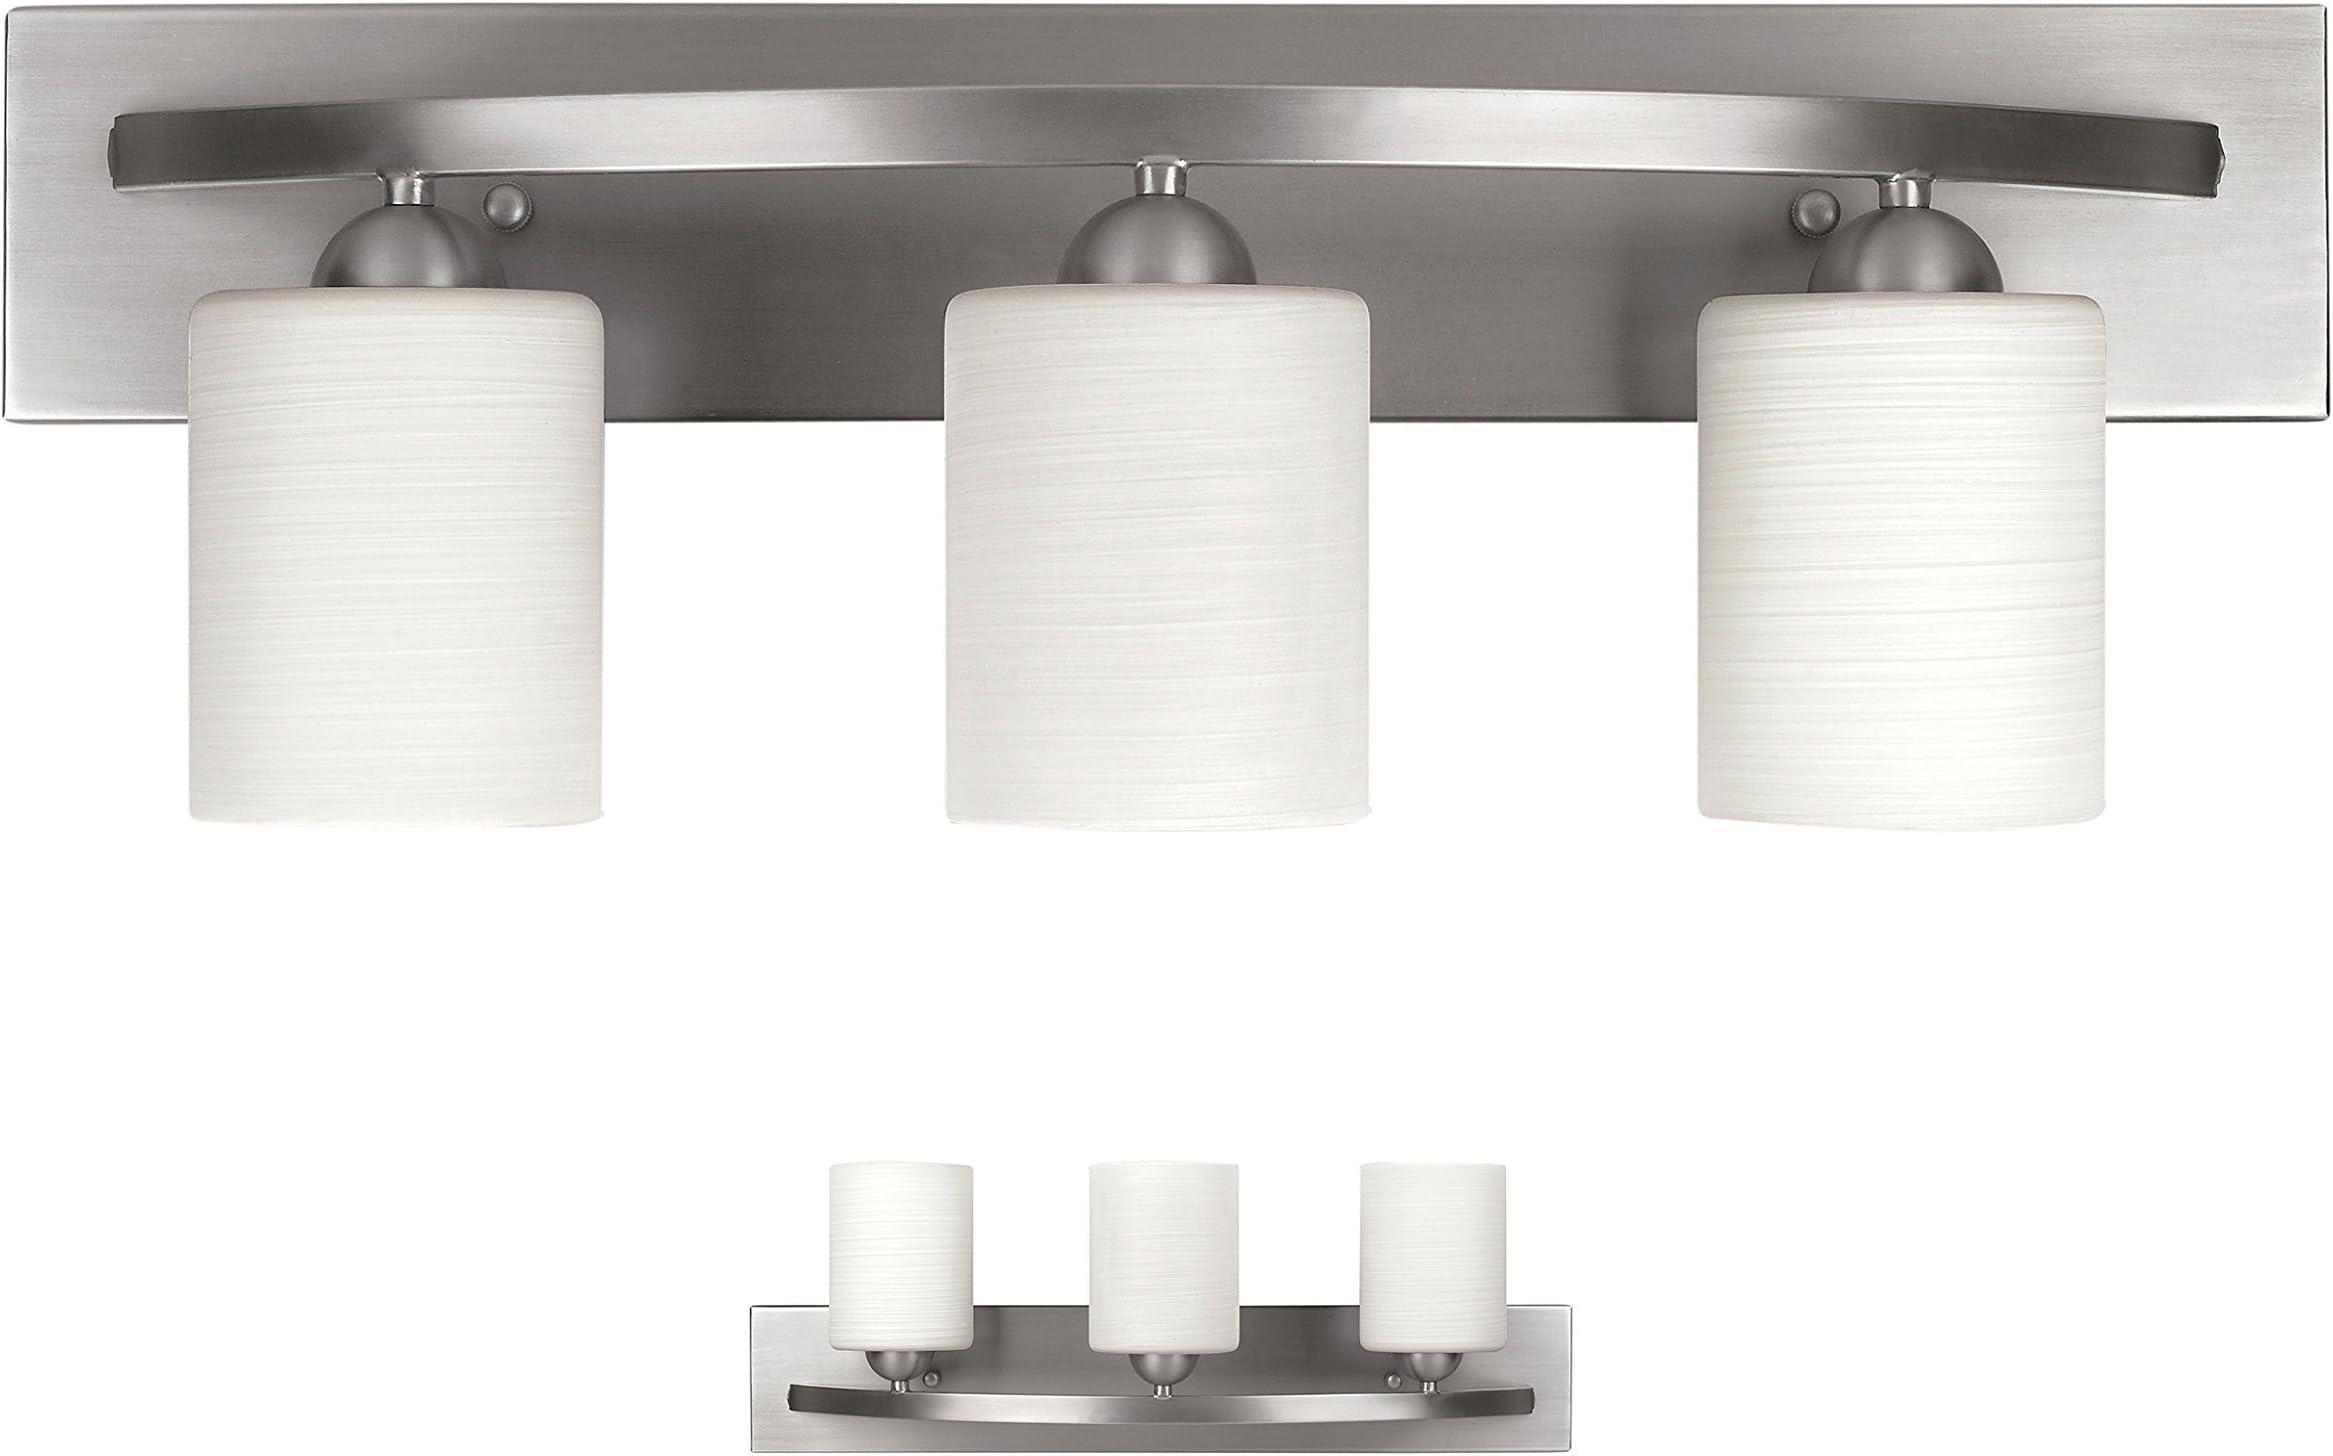 vanity lighting fixtures amazon com kitchen bath fixtures rh amazon com 8 Bulb Bathroom Light Fixture 48 Inch Bathroom Light Fixture